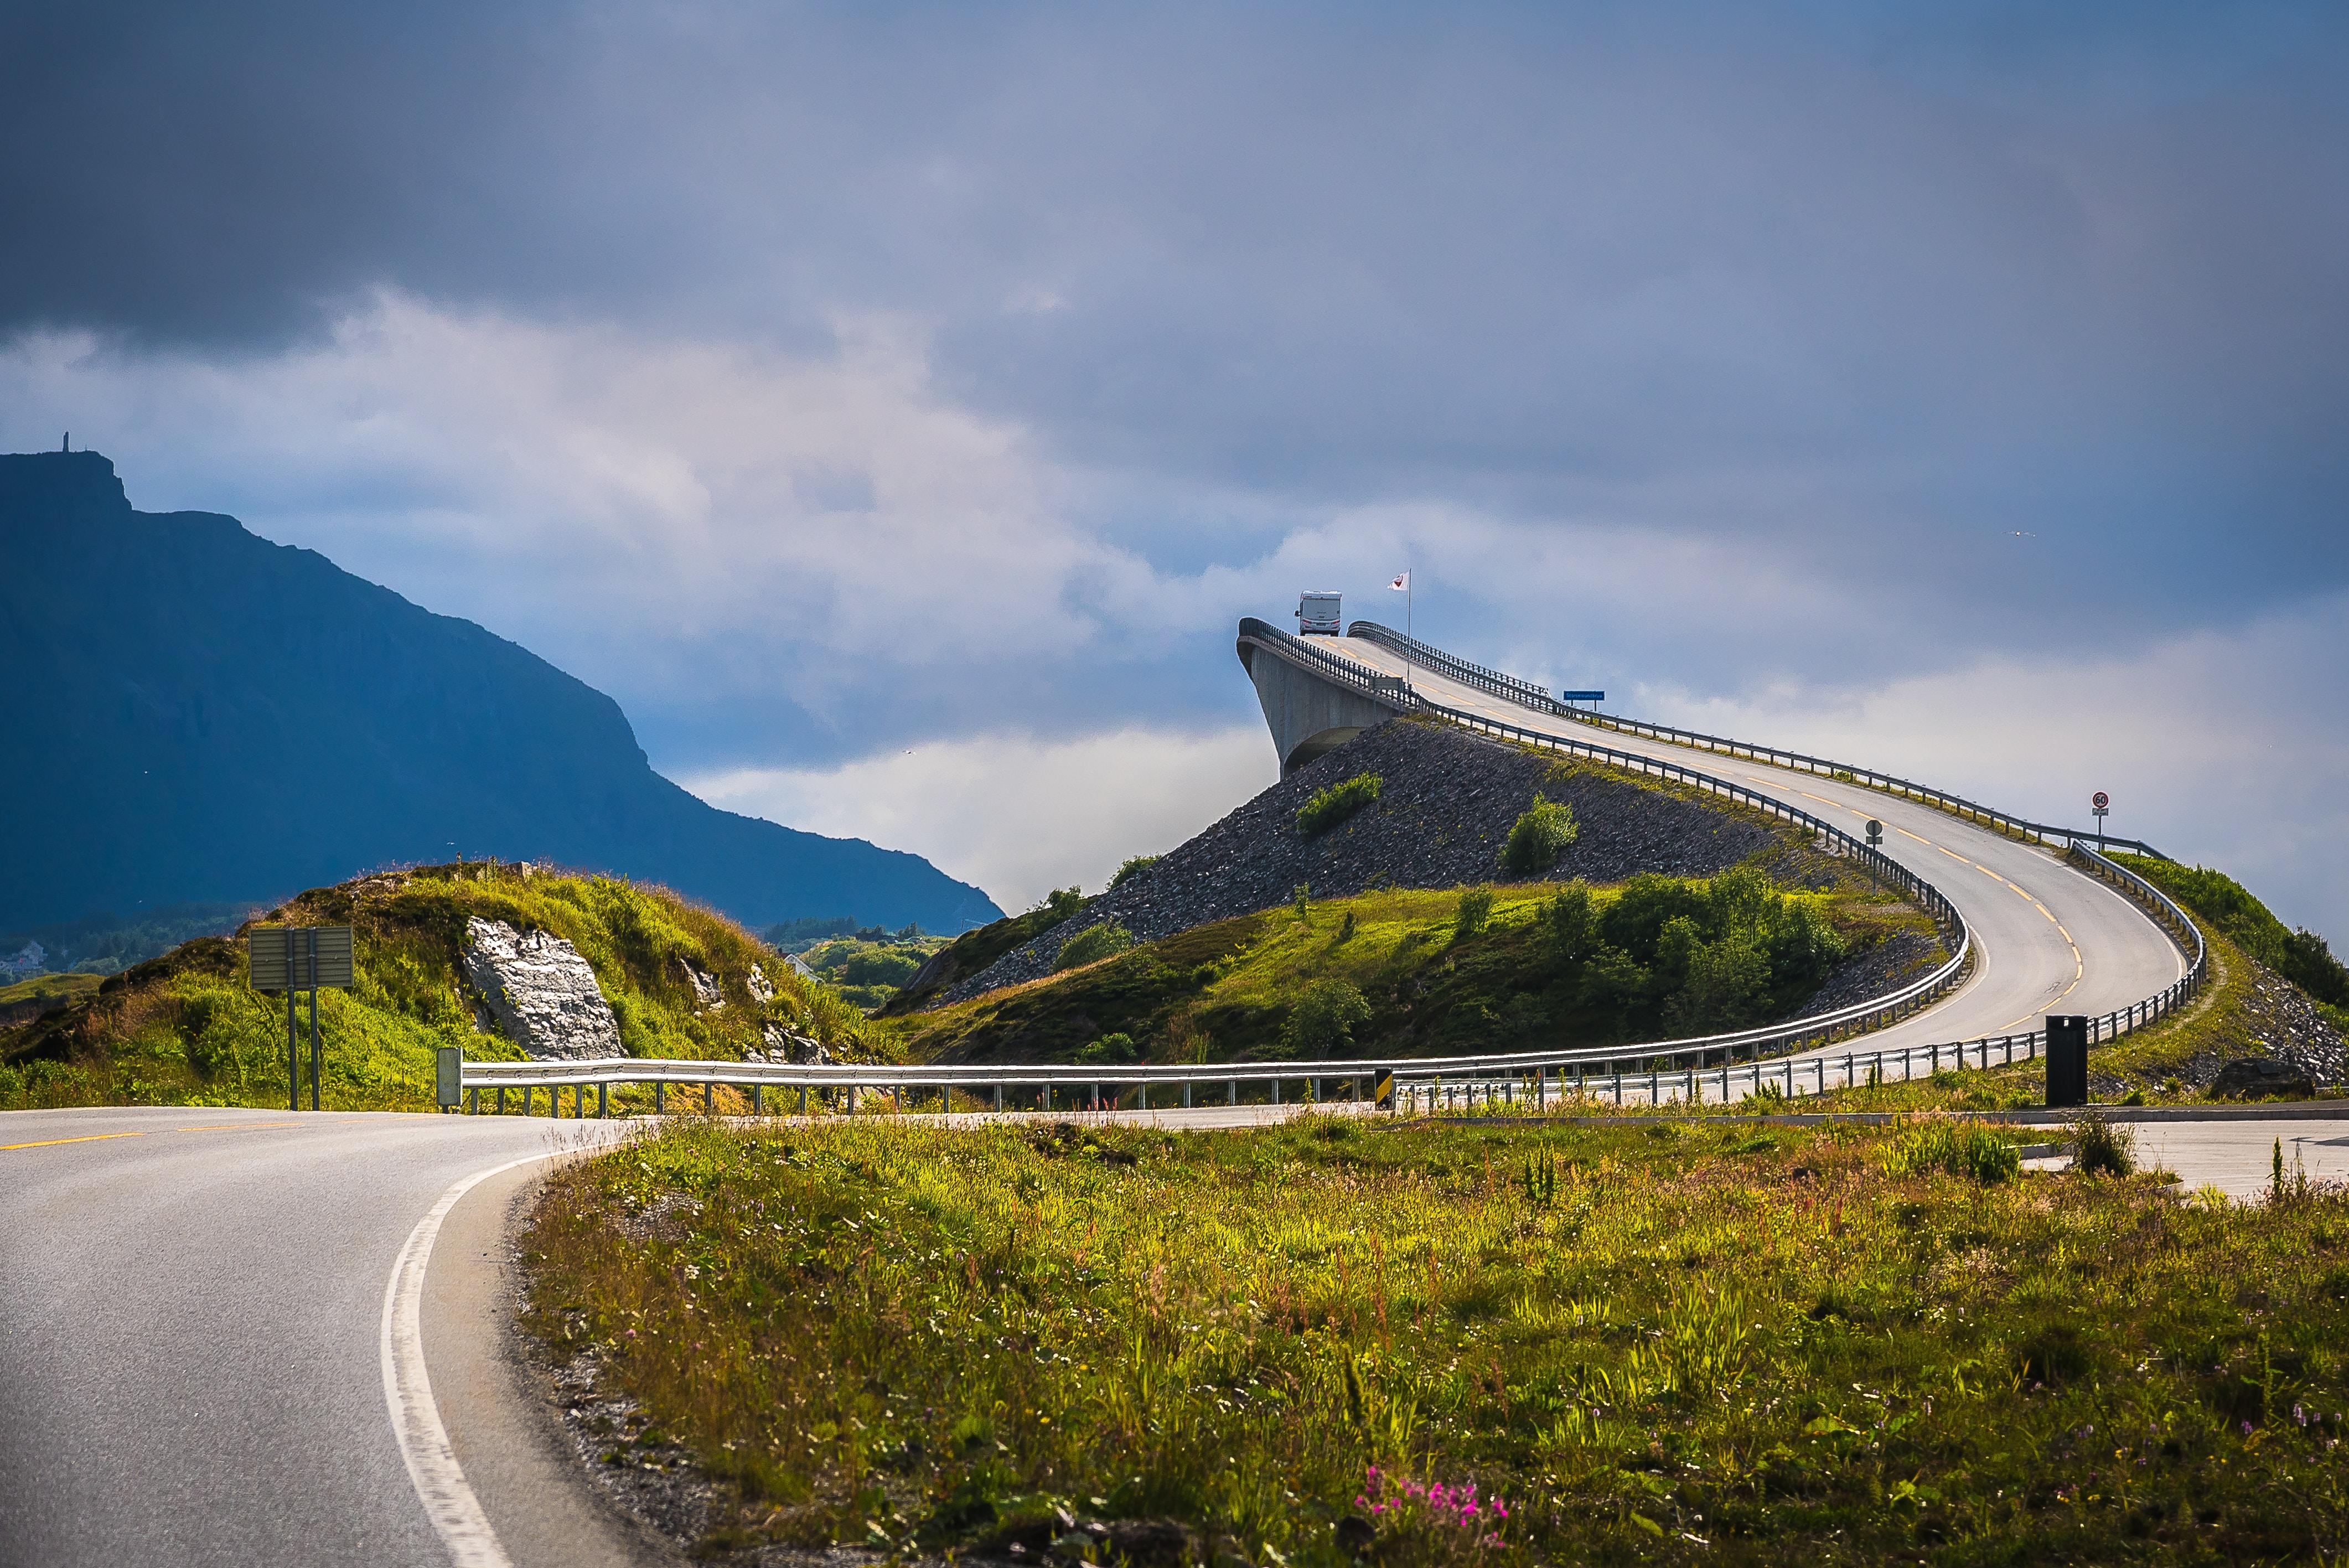 gray concrete roadway